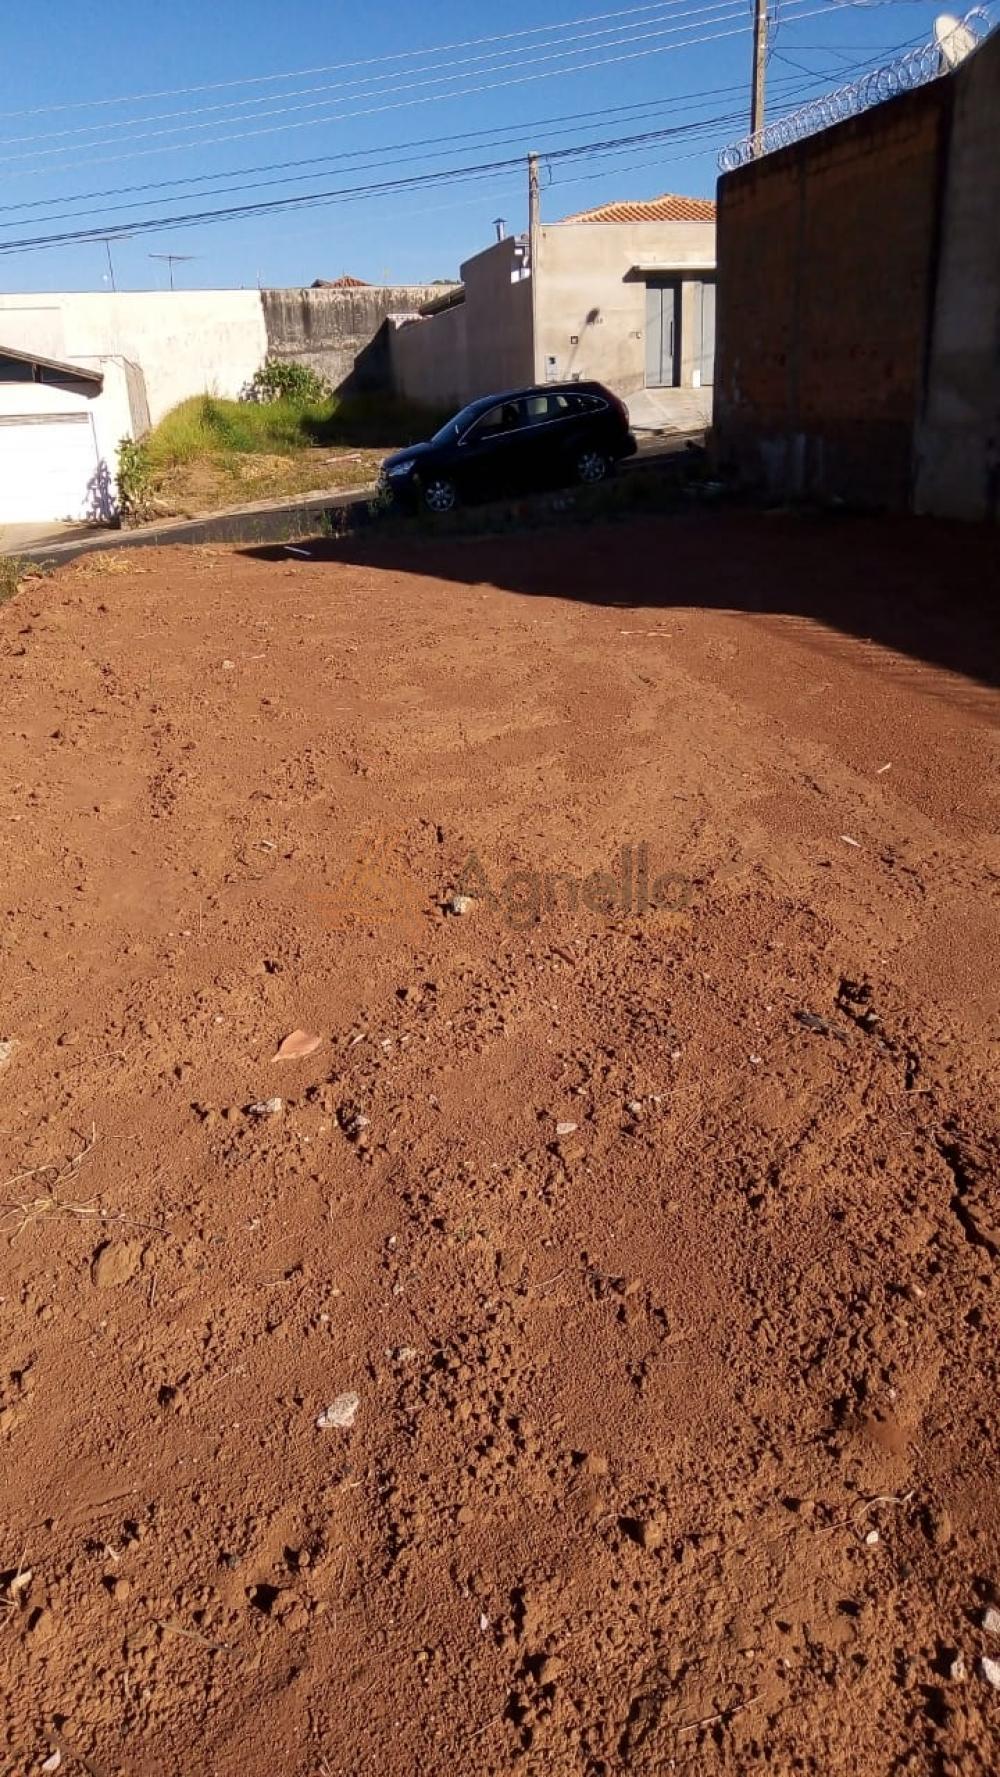 Comprar Terreno / Em bairro em Franca R$ 150.000,00 - Foto 2